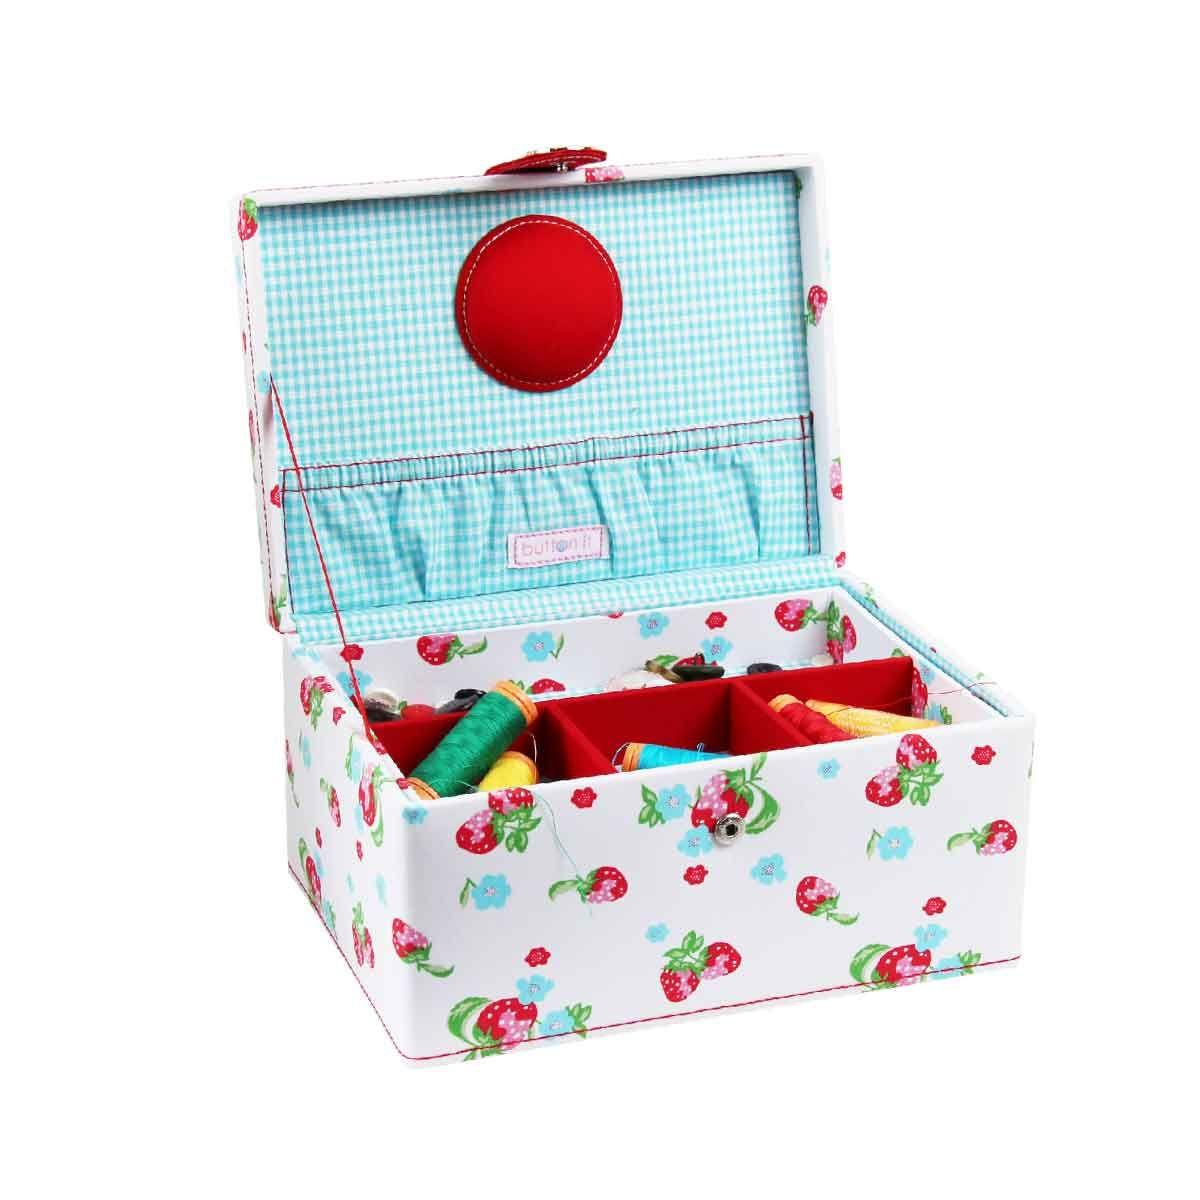 Boîte de rangement couture - 24,5x13x17